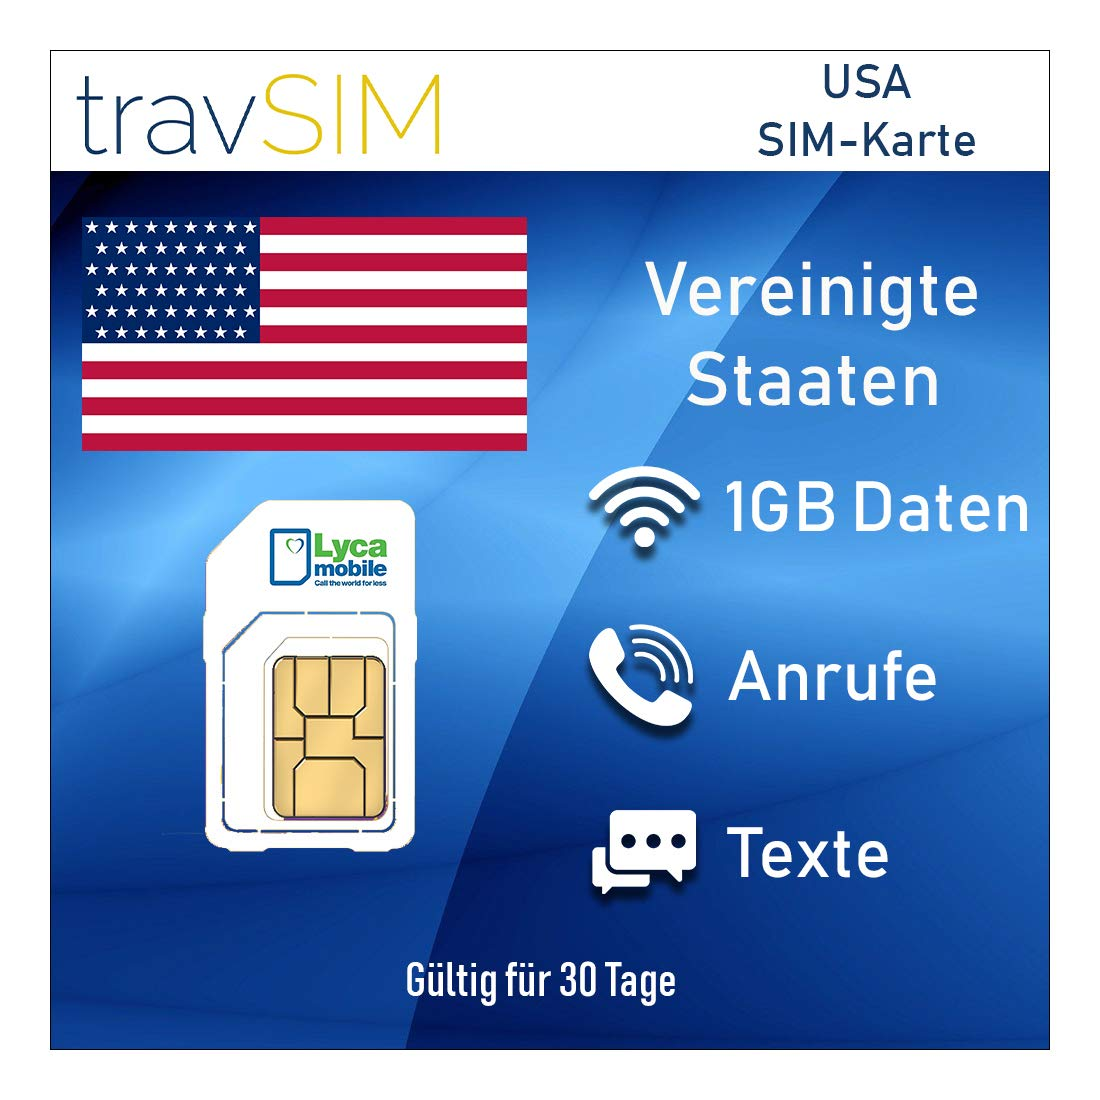 Handytarife Sim Karten Sms Unbegrenzte Nationale Internationale Anrufe 3g 4g Lte 30 Tage Standard Micro Nano Travsim Prepaid Sim Karte Für Usa Puerto Rico Von Lycamobile 1 Gb Mobile Daten Elektronik